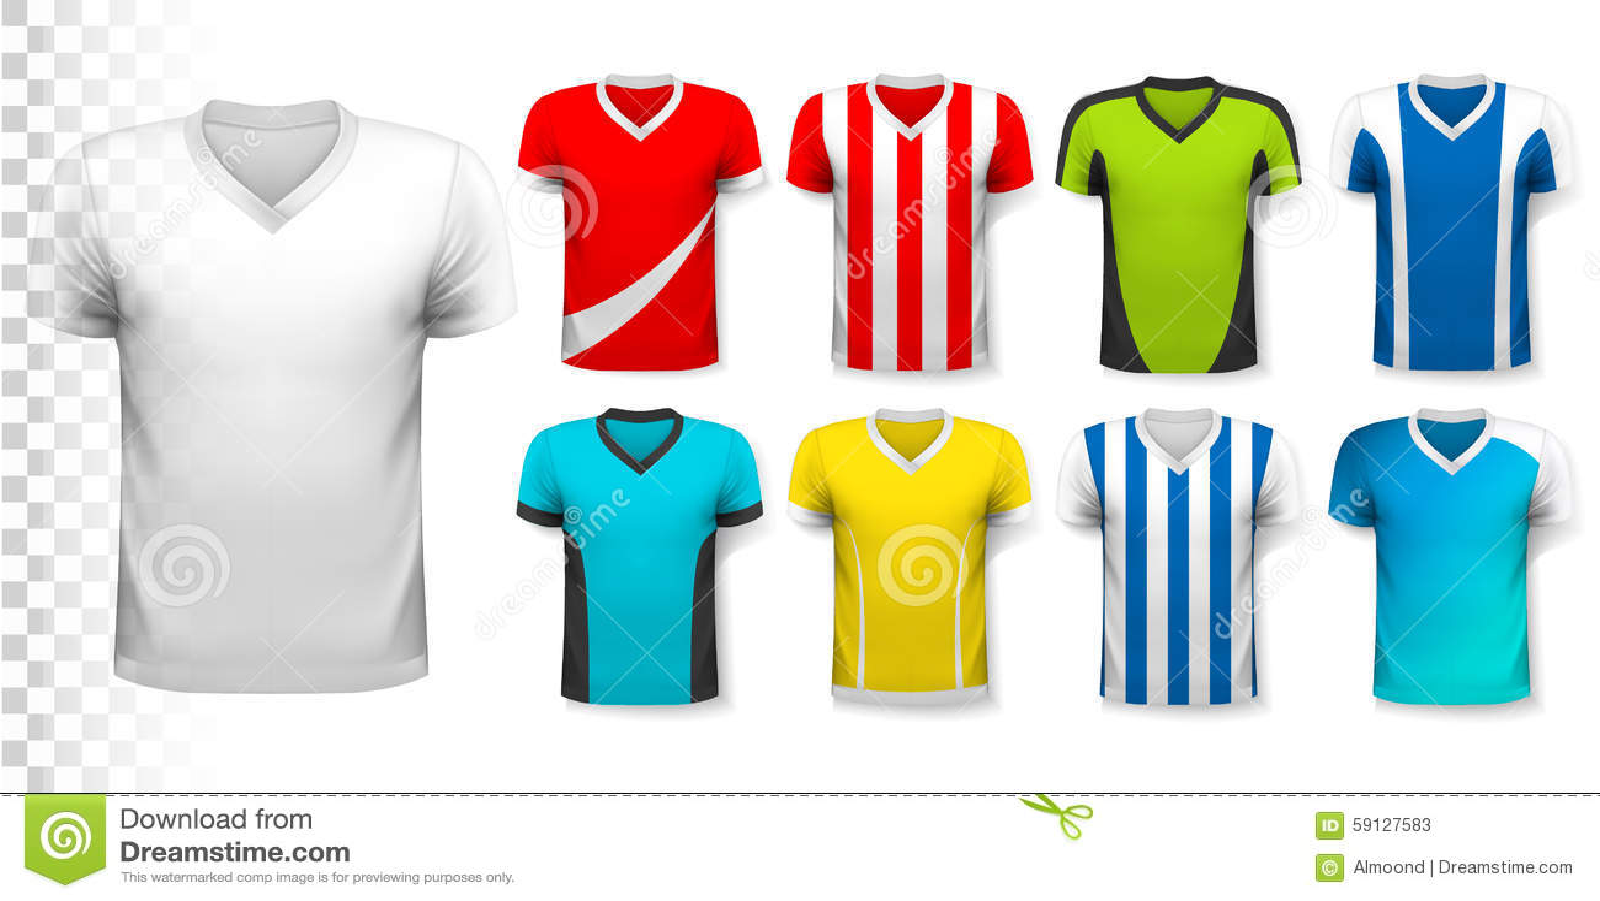 shirt business plan